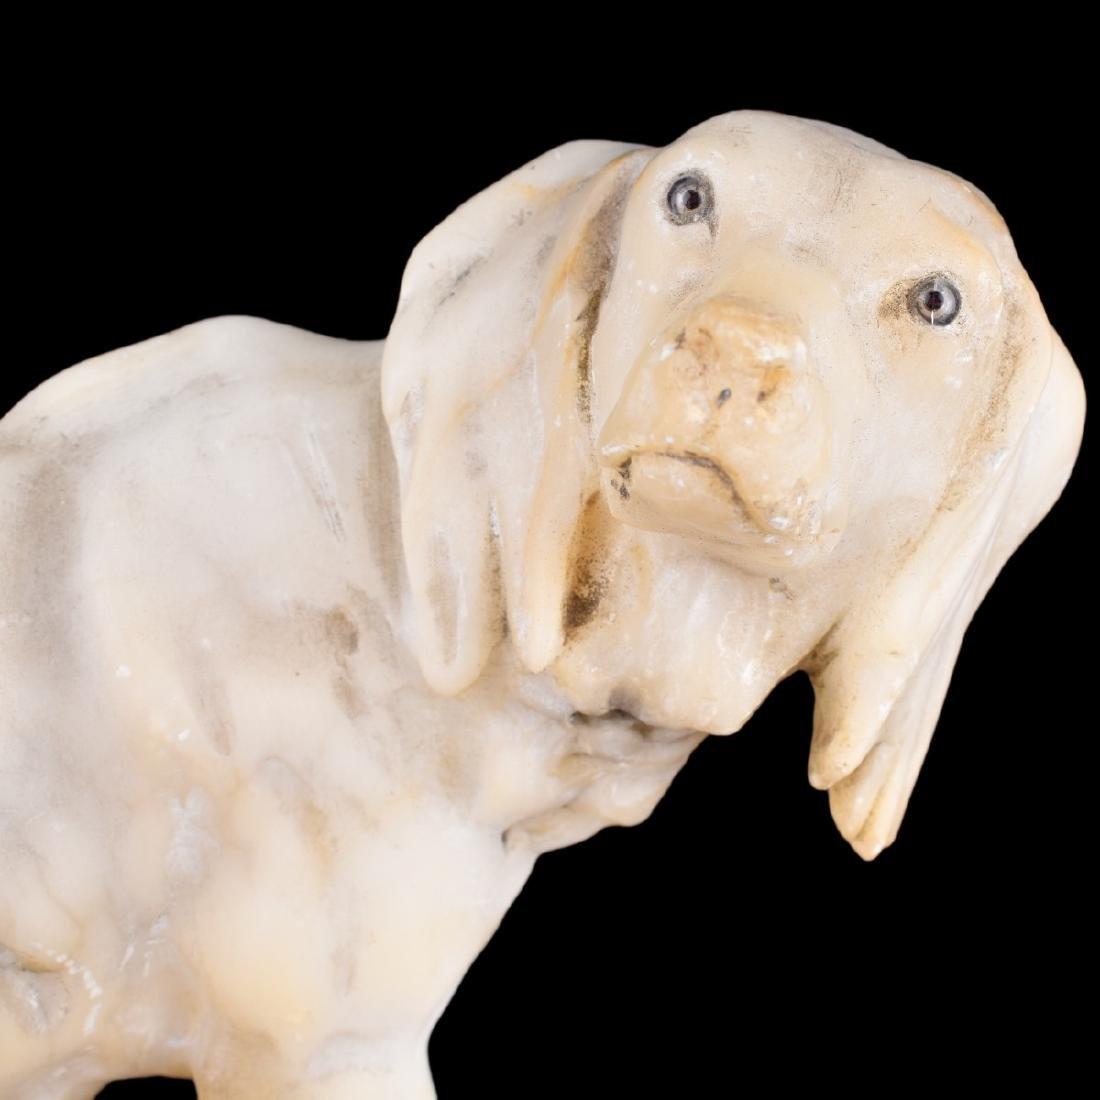 Antique Carved Alabaster Dog Figurine - 5